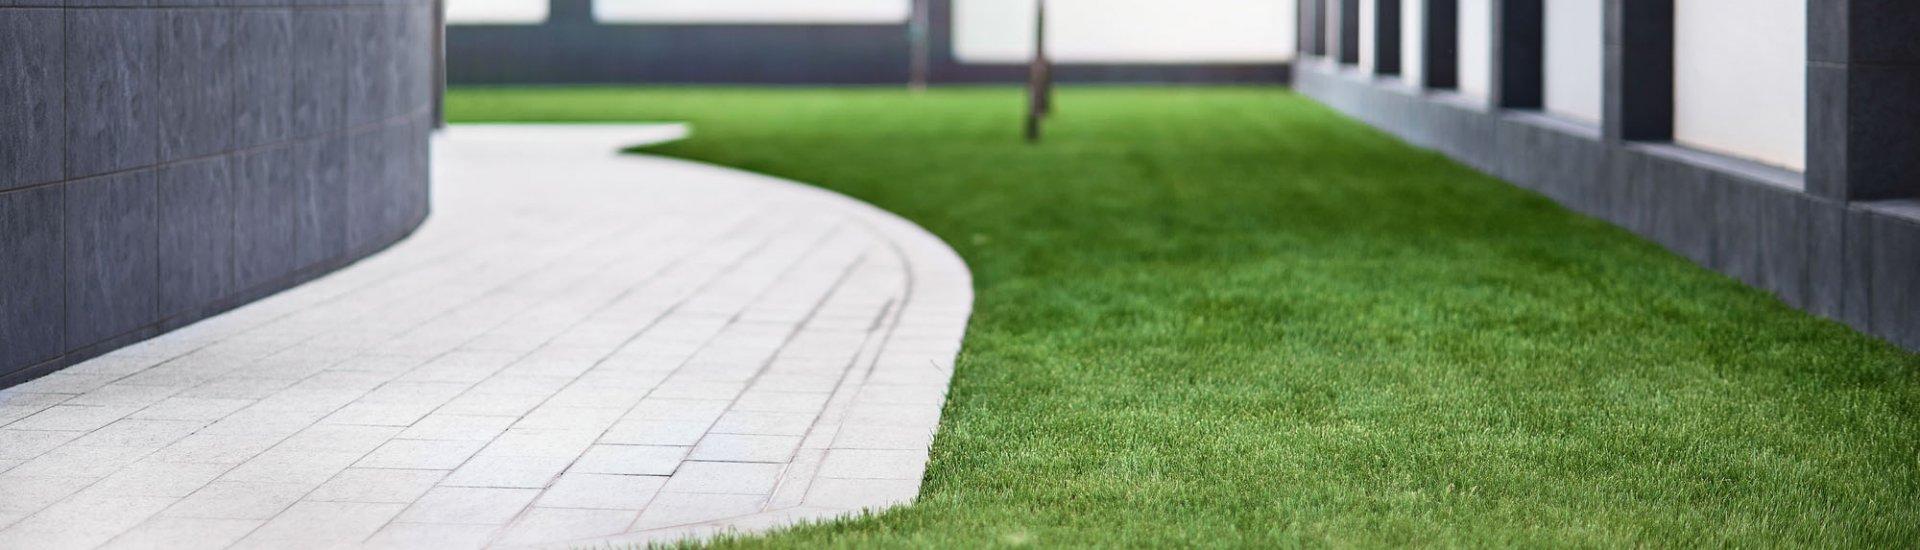 Stihl Motorsensen: Top 3 Modelle, Vorteile, Arten & Zubehör